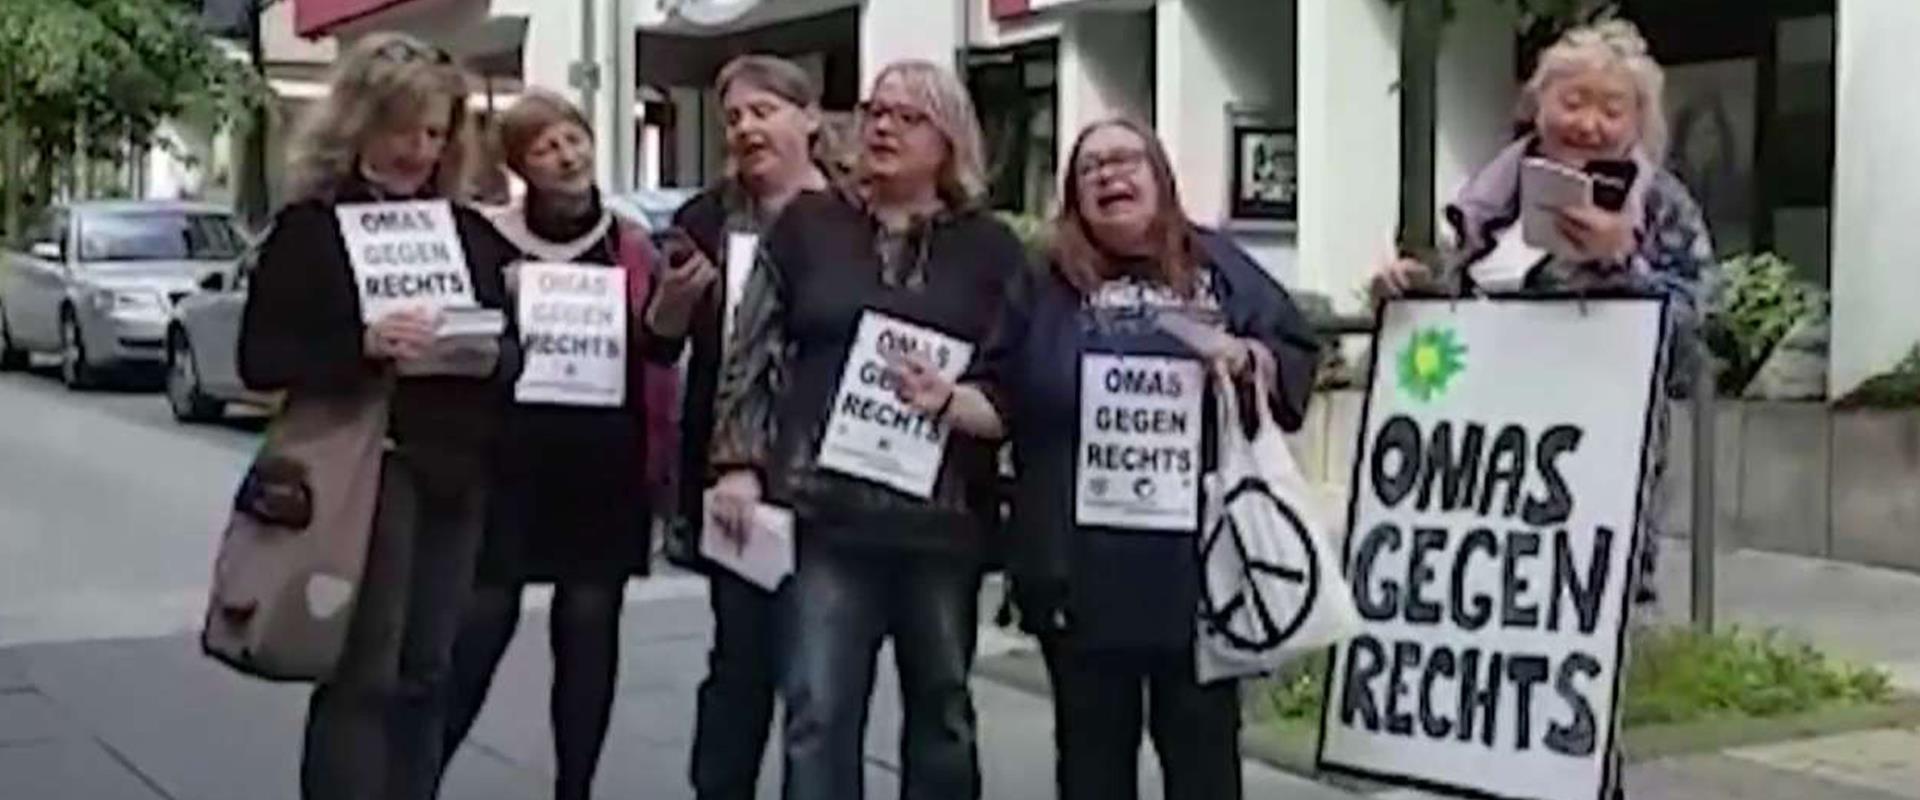 נשים מבוגרות מפגינות בגרמניה